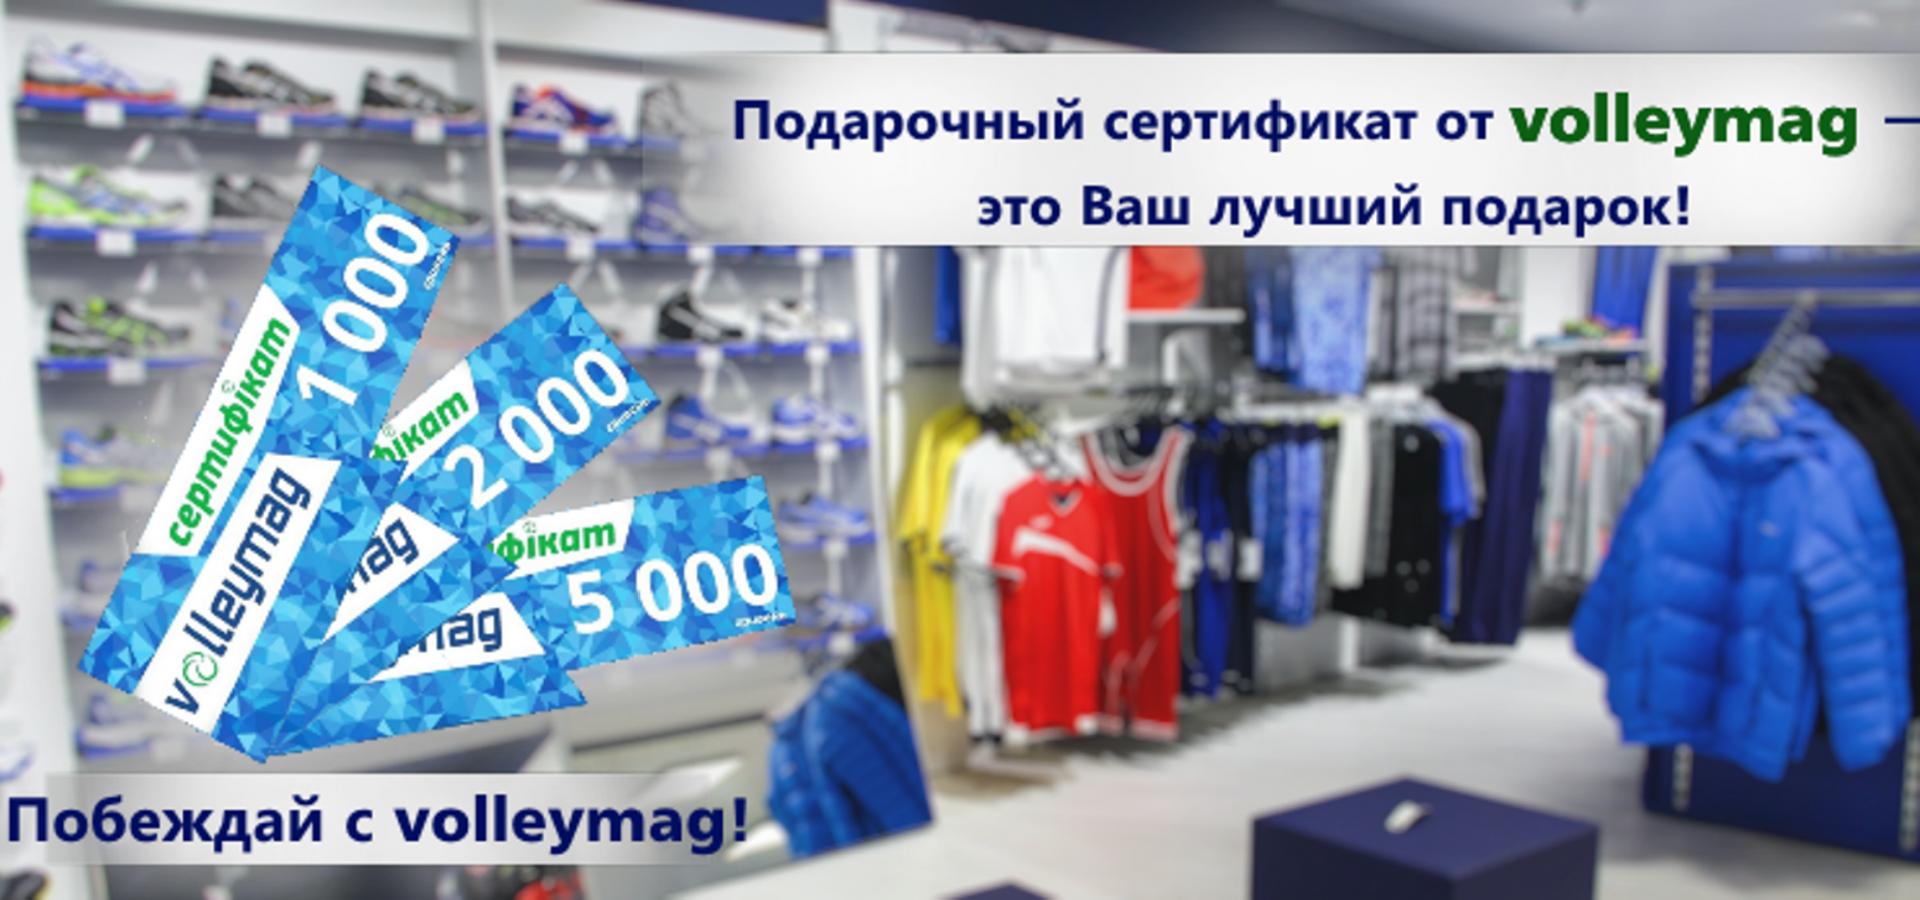 VolleyMAG – интернет-магазин профессиональной спортивной экипировки ... 436ff54b089